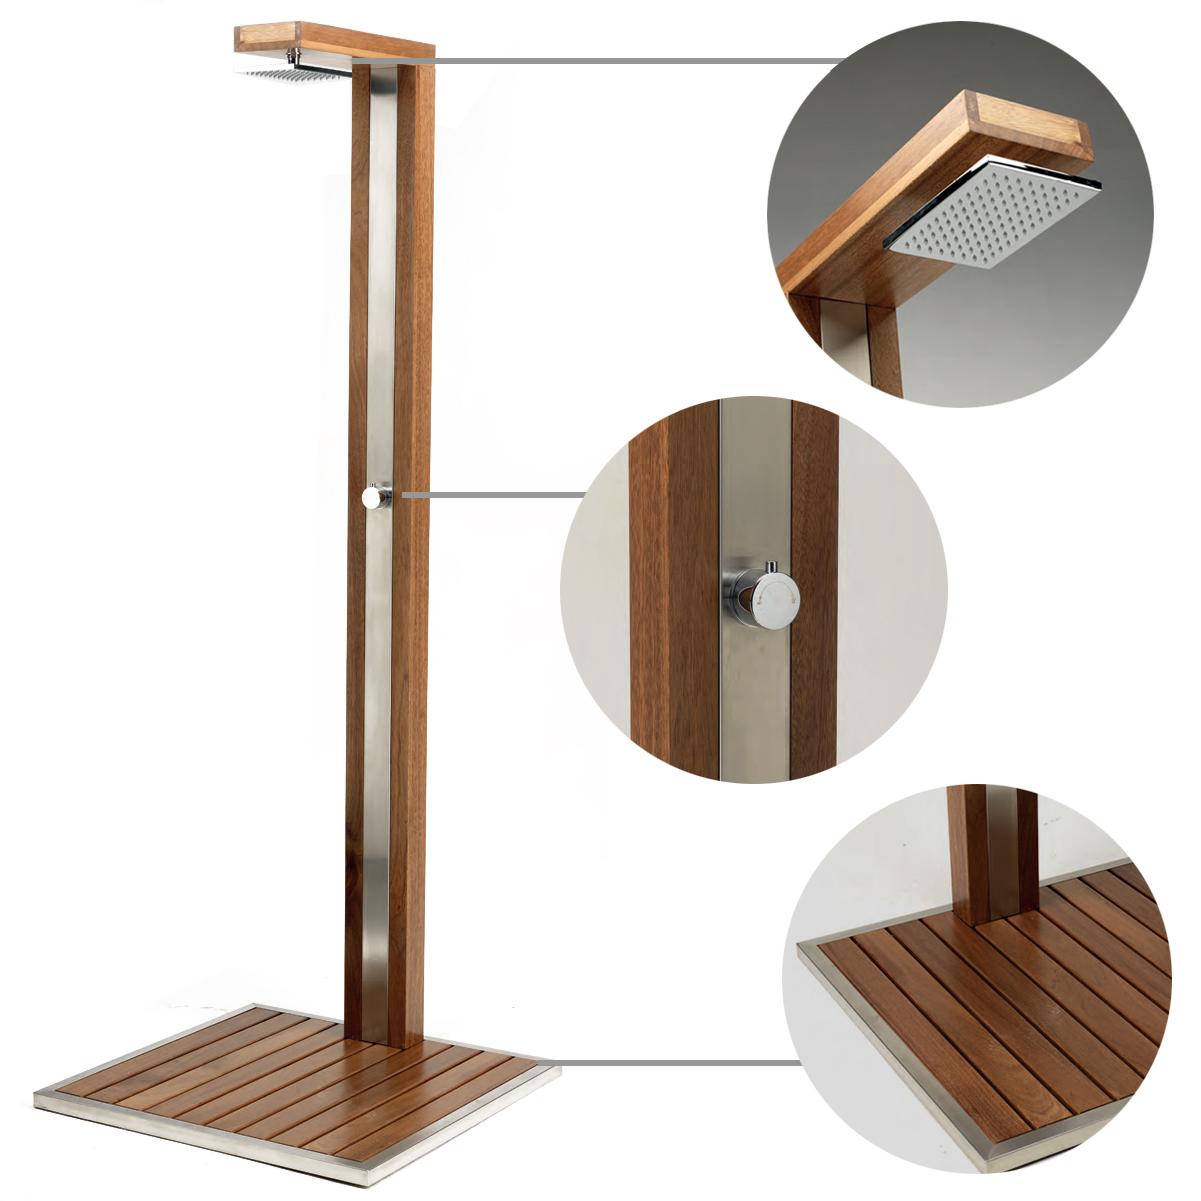 Docce per esterni dusche doccia per esterni with docce - Doccia per esterno ...